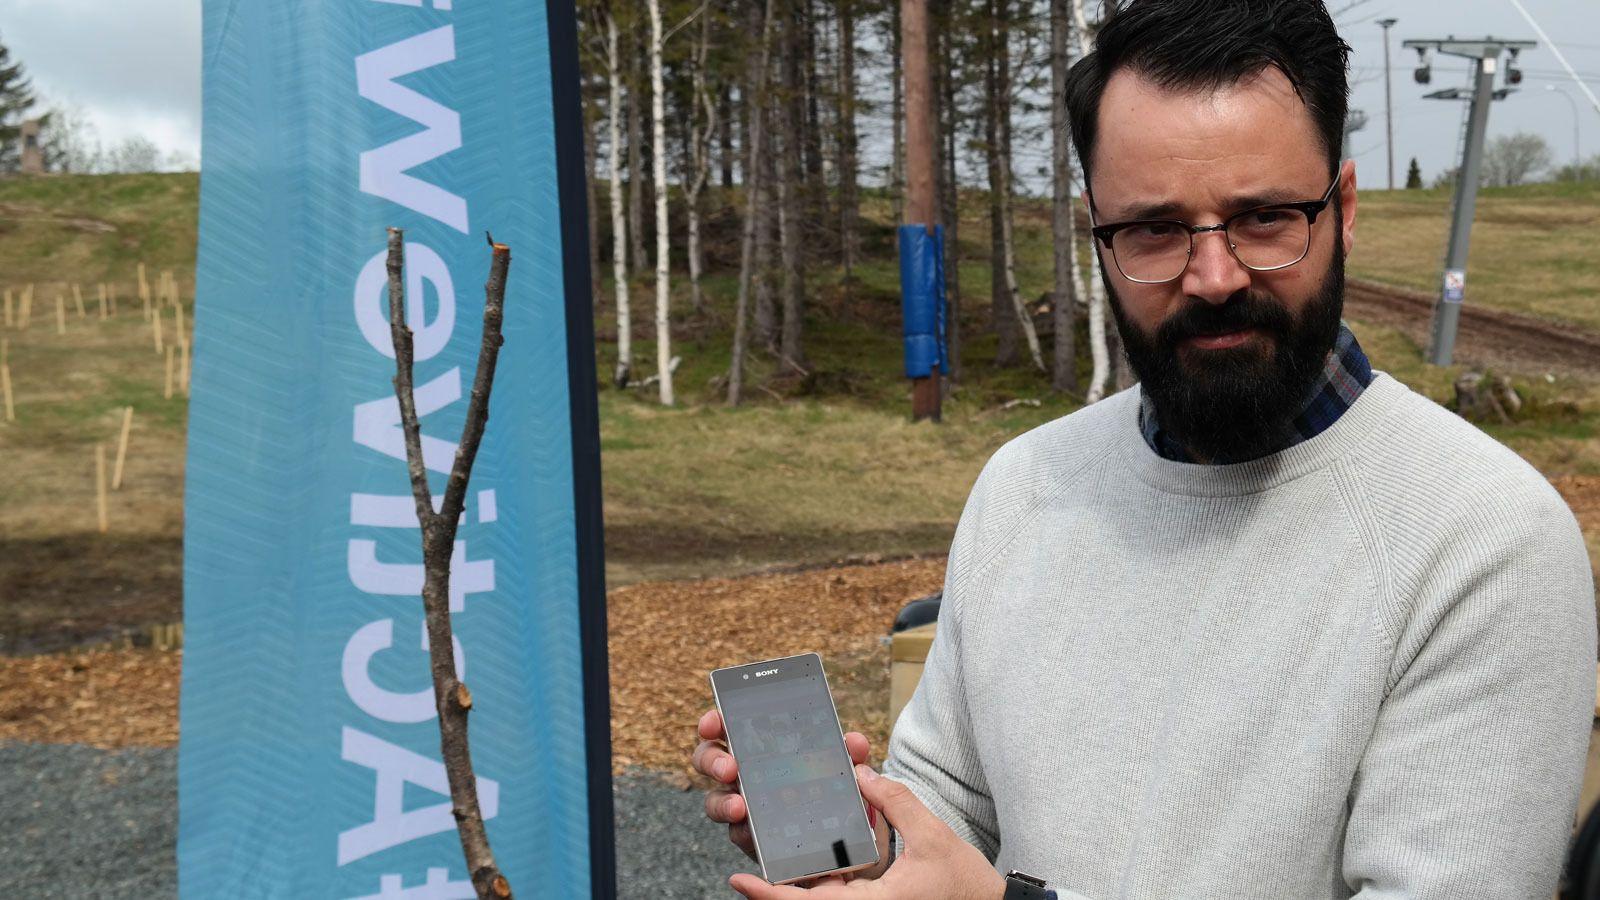 Frank Otterbeck i Sony med Xperia Z3+, telefonen som skal overta stafettpinnen etter Xperia Z3.